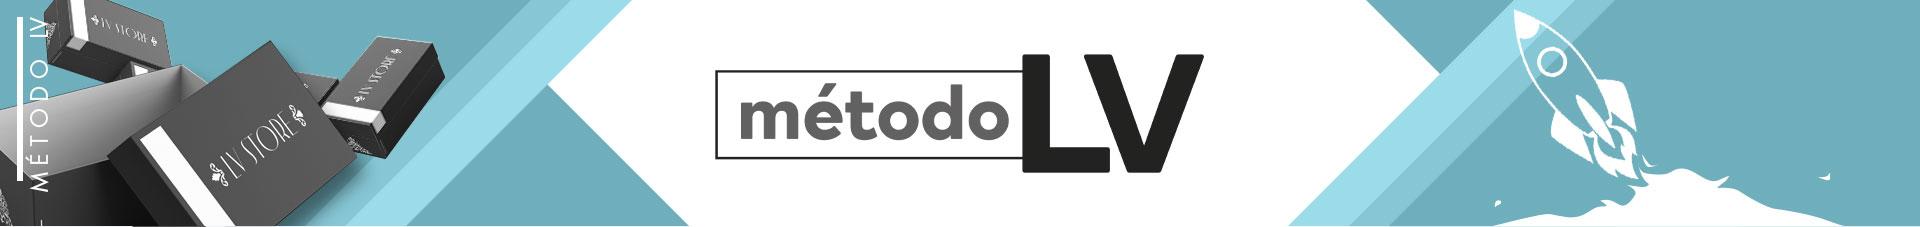 banner_metodo_lv